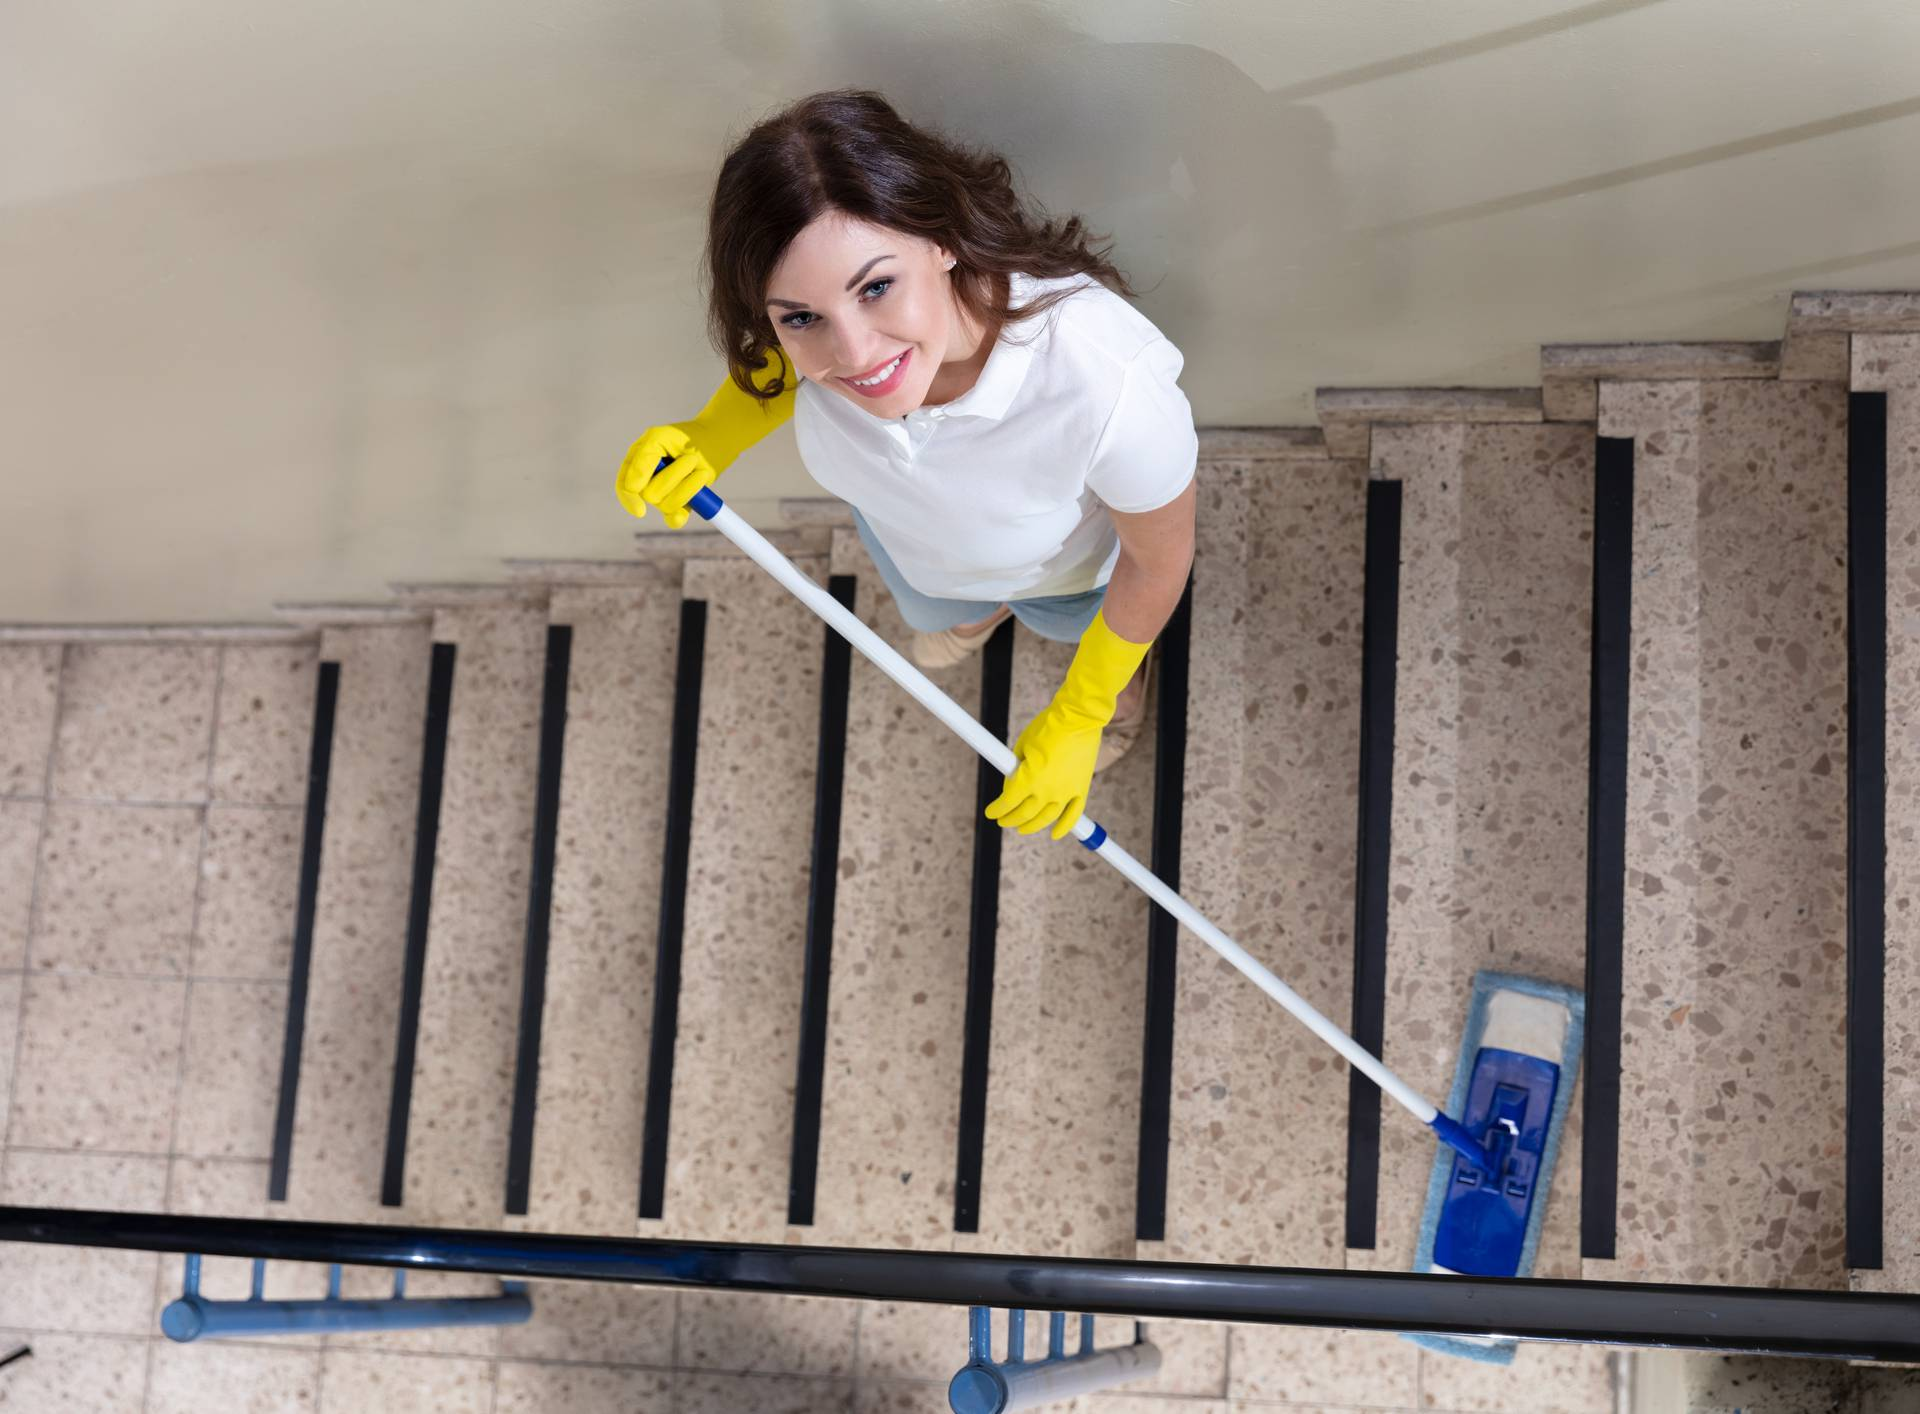 Život u zgradama: Zajedničke prostore treba čistiti svaki dan